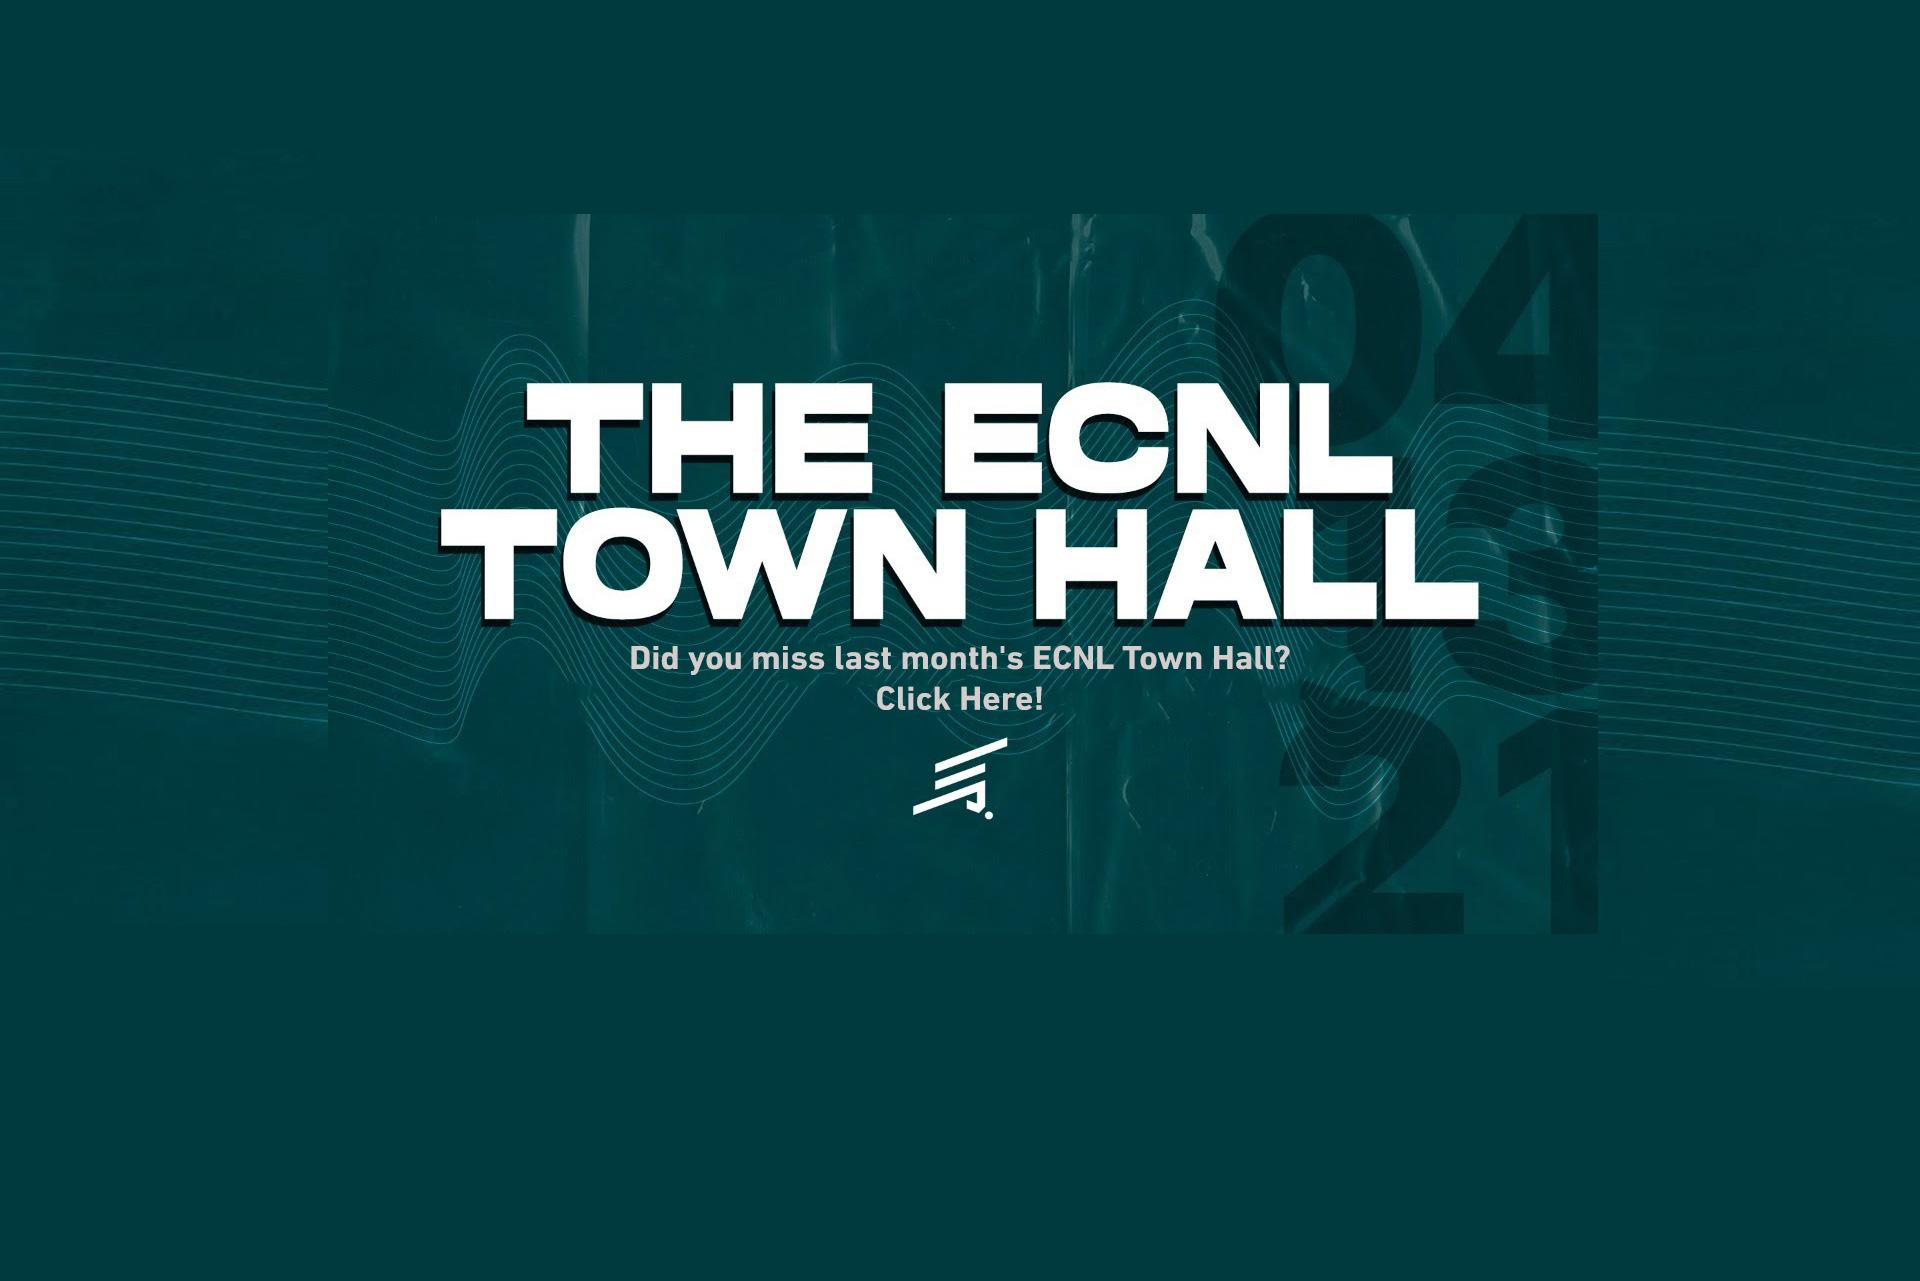 ECNL Town Hall